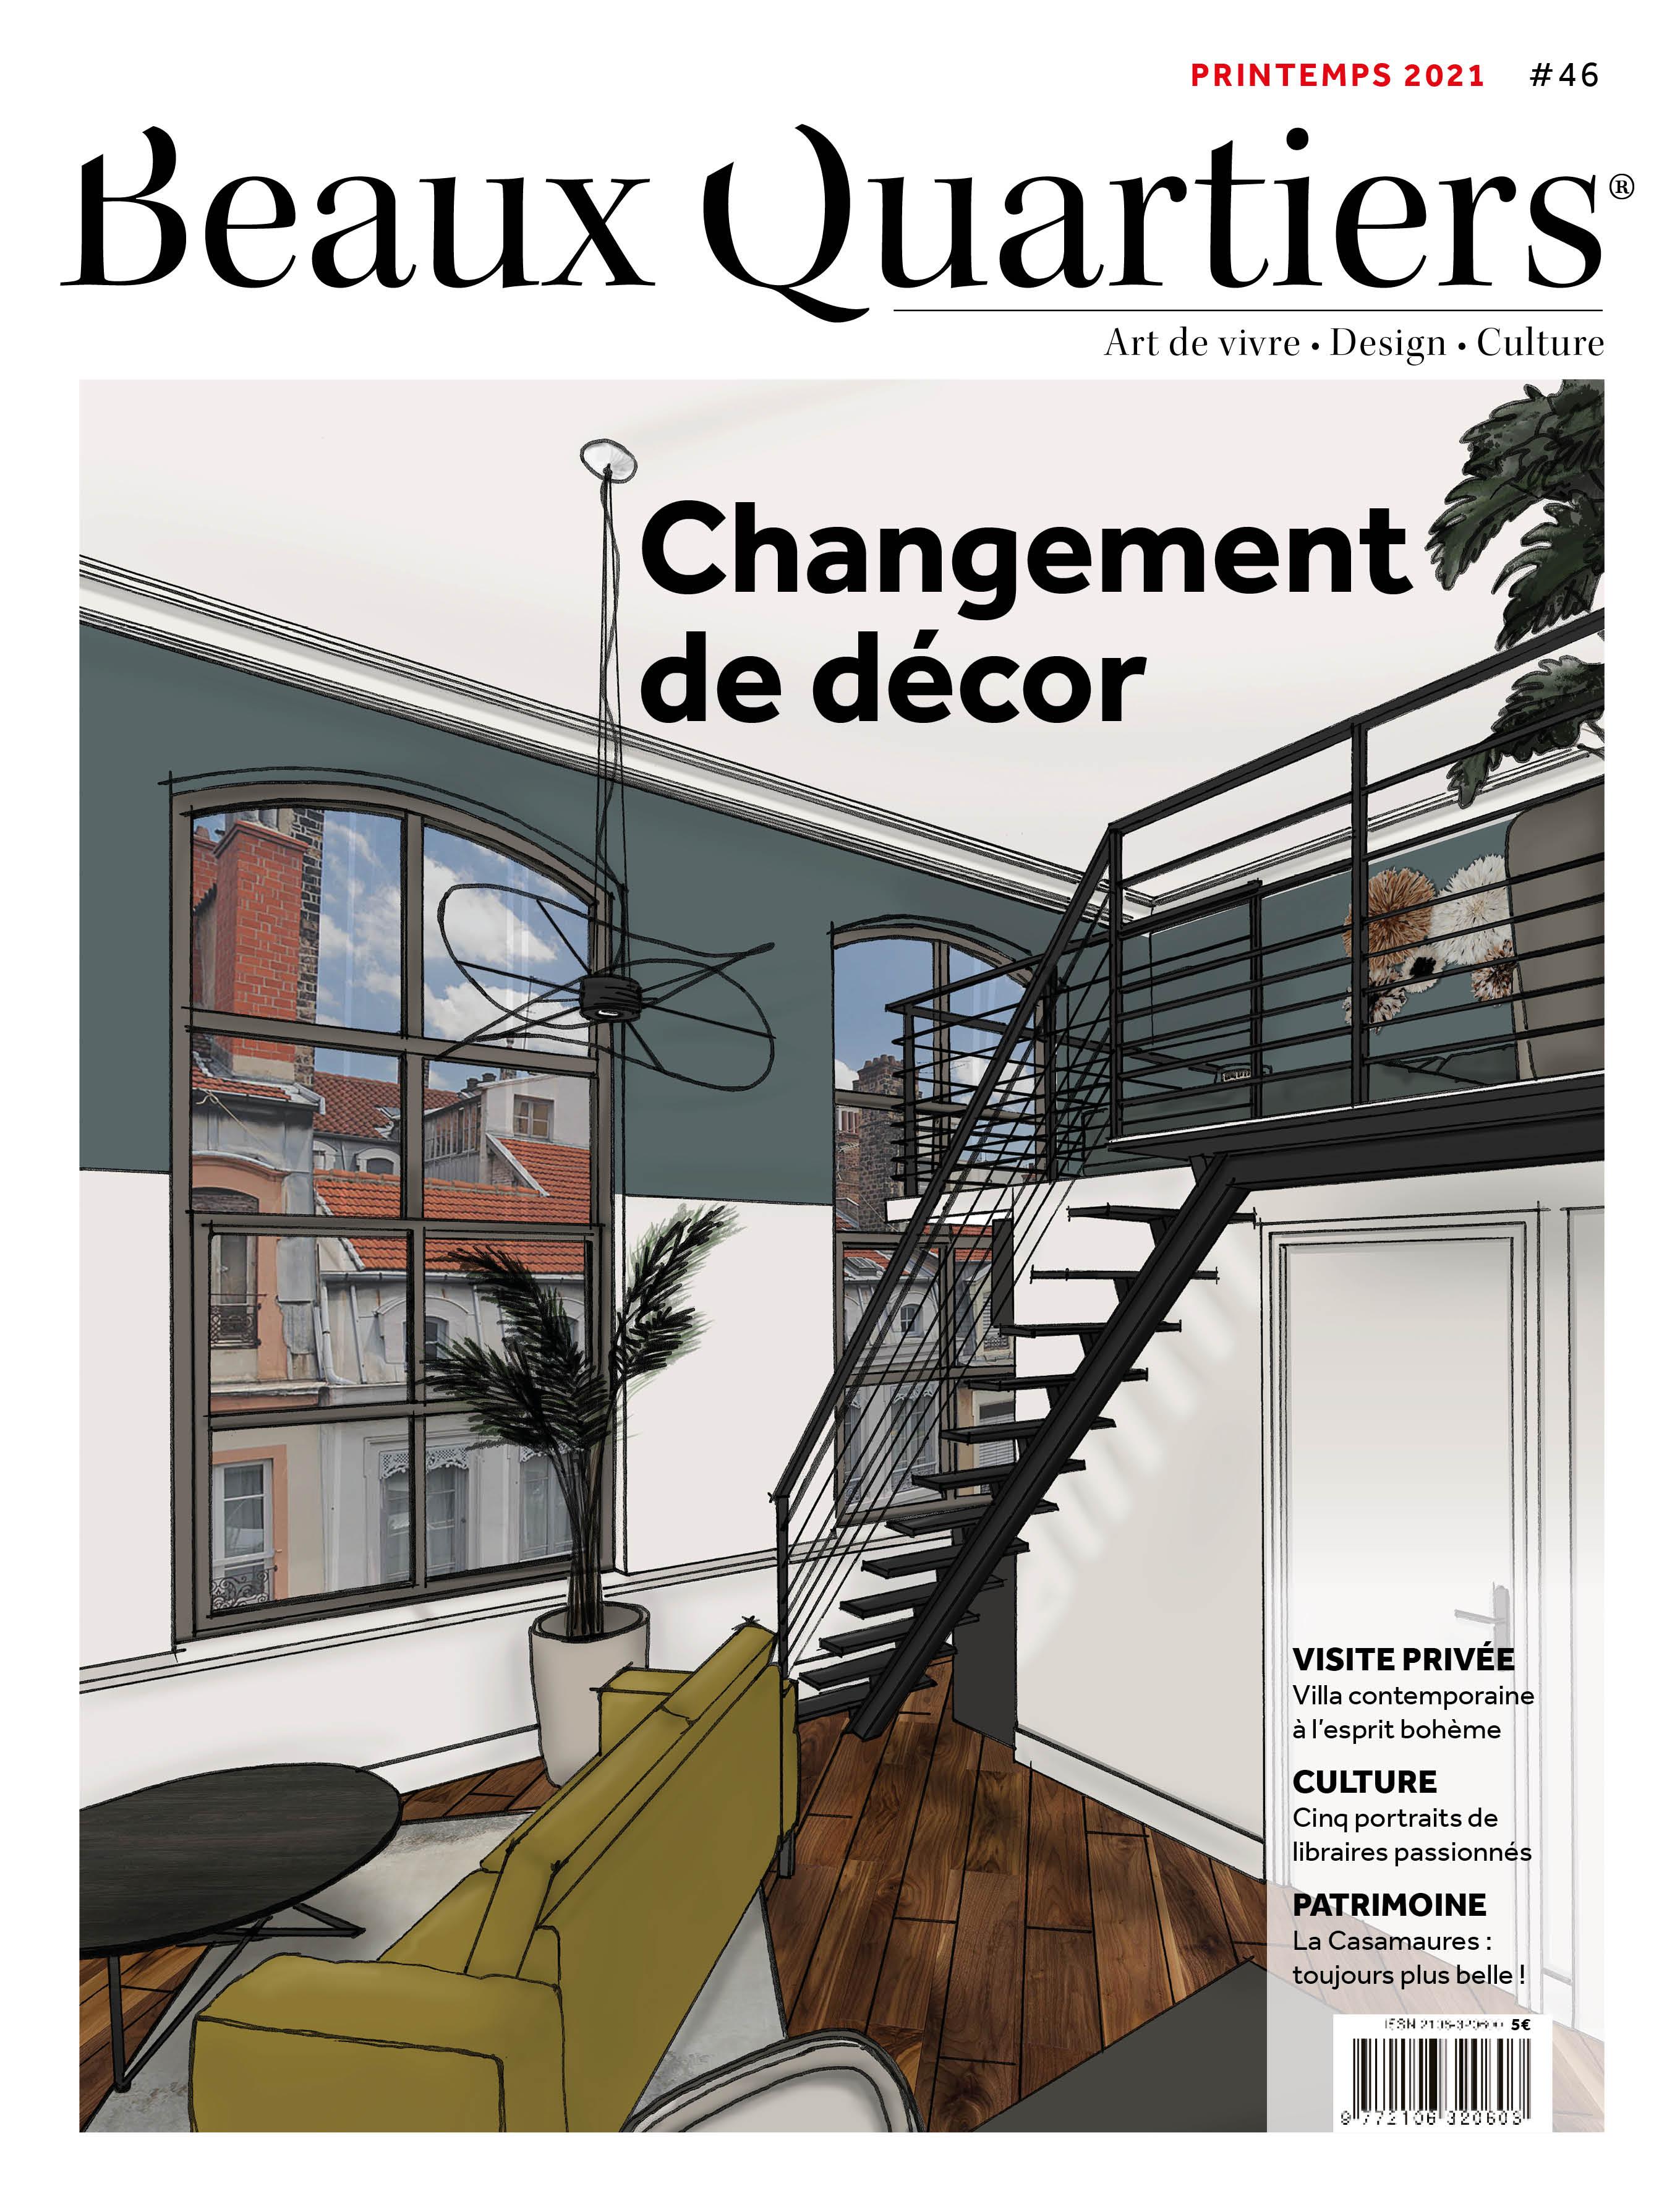 Beaux Quartiers 46 – Printemps 2021